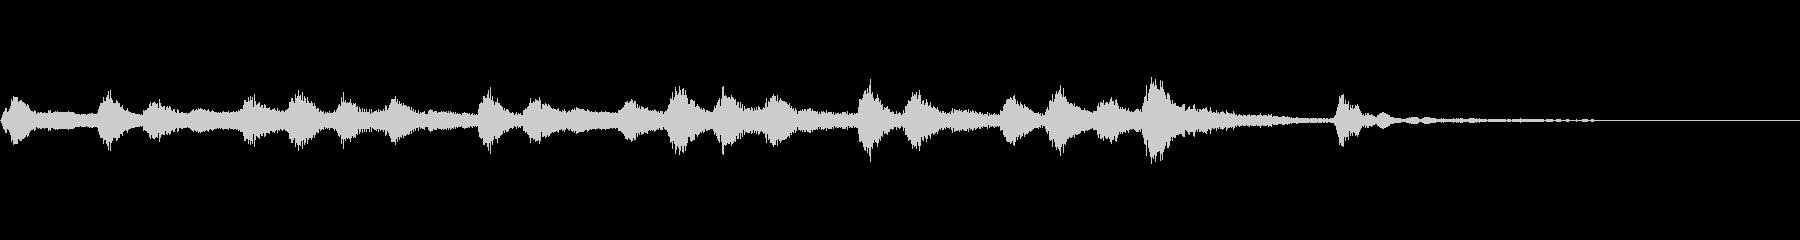 ピッツィカートによる不気味なジングル2の未再生の波形